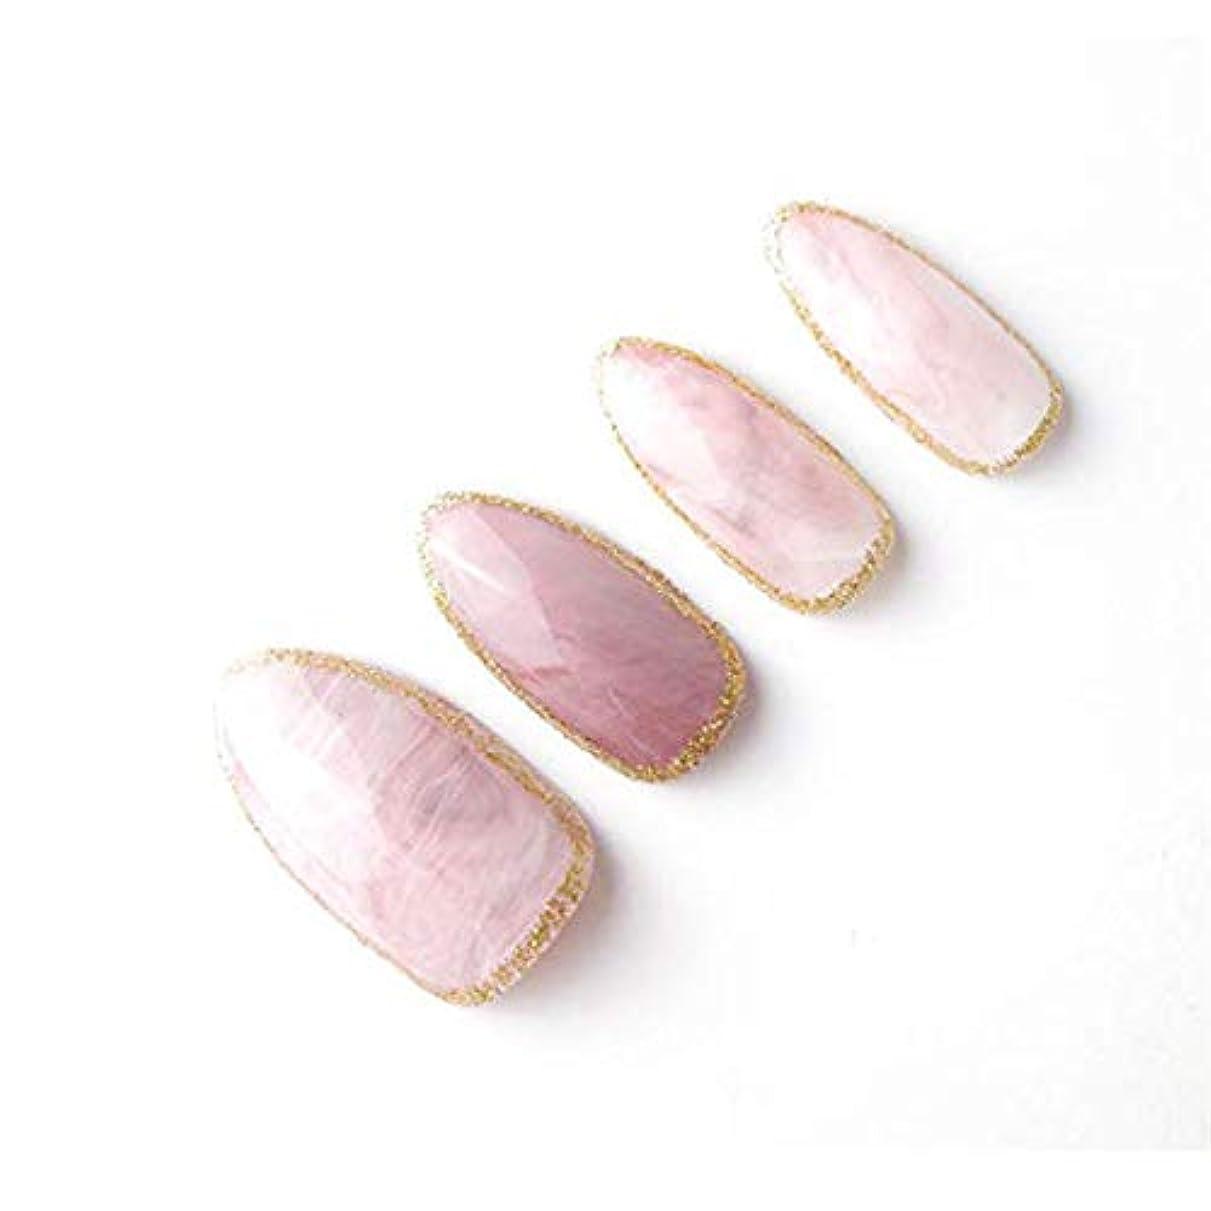 YuNail ネイルチップ 24枚 ピンク 石の質感 楕円形状 短い アクリル